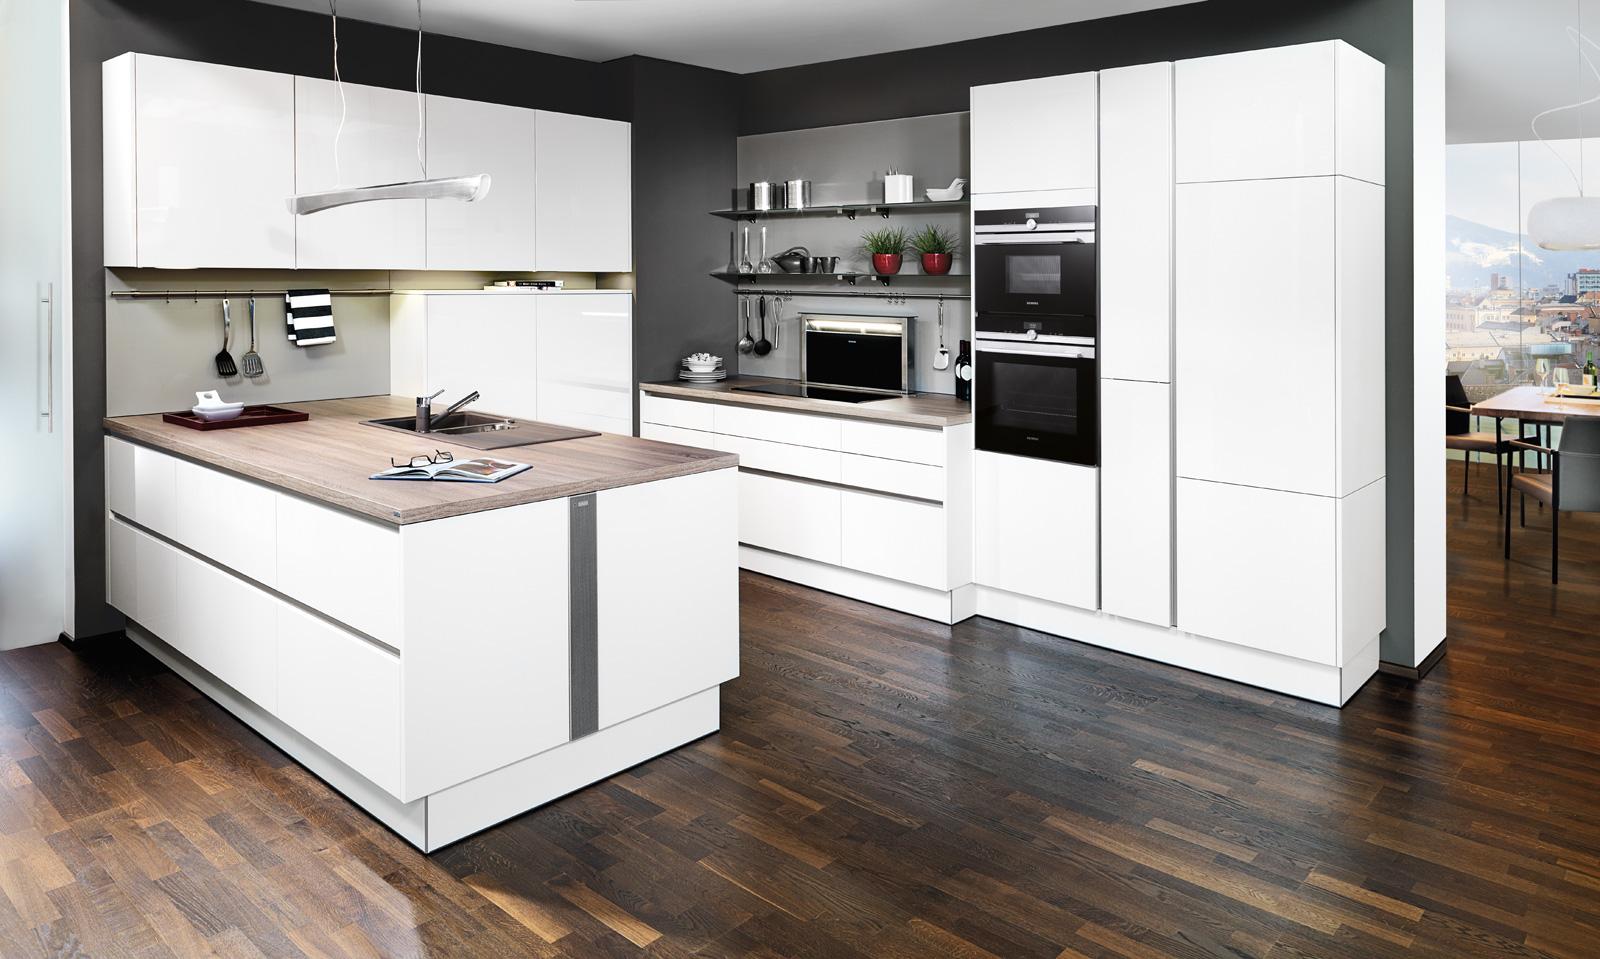 Tolle, Perfekt Geplante Küchen Erwarten Sie Im Möbelpolt Küchenstudio.  Laufende Aktionen Wie Laufmeterpreise Mit Aufwändiger Grundausstattung Ab U20ac  790.